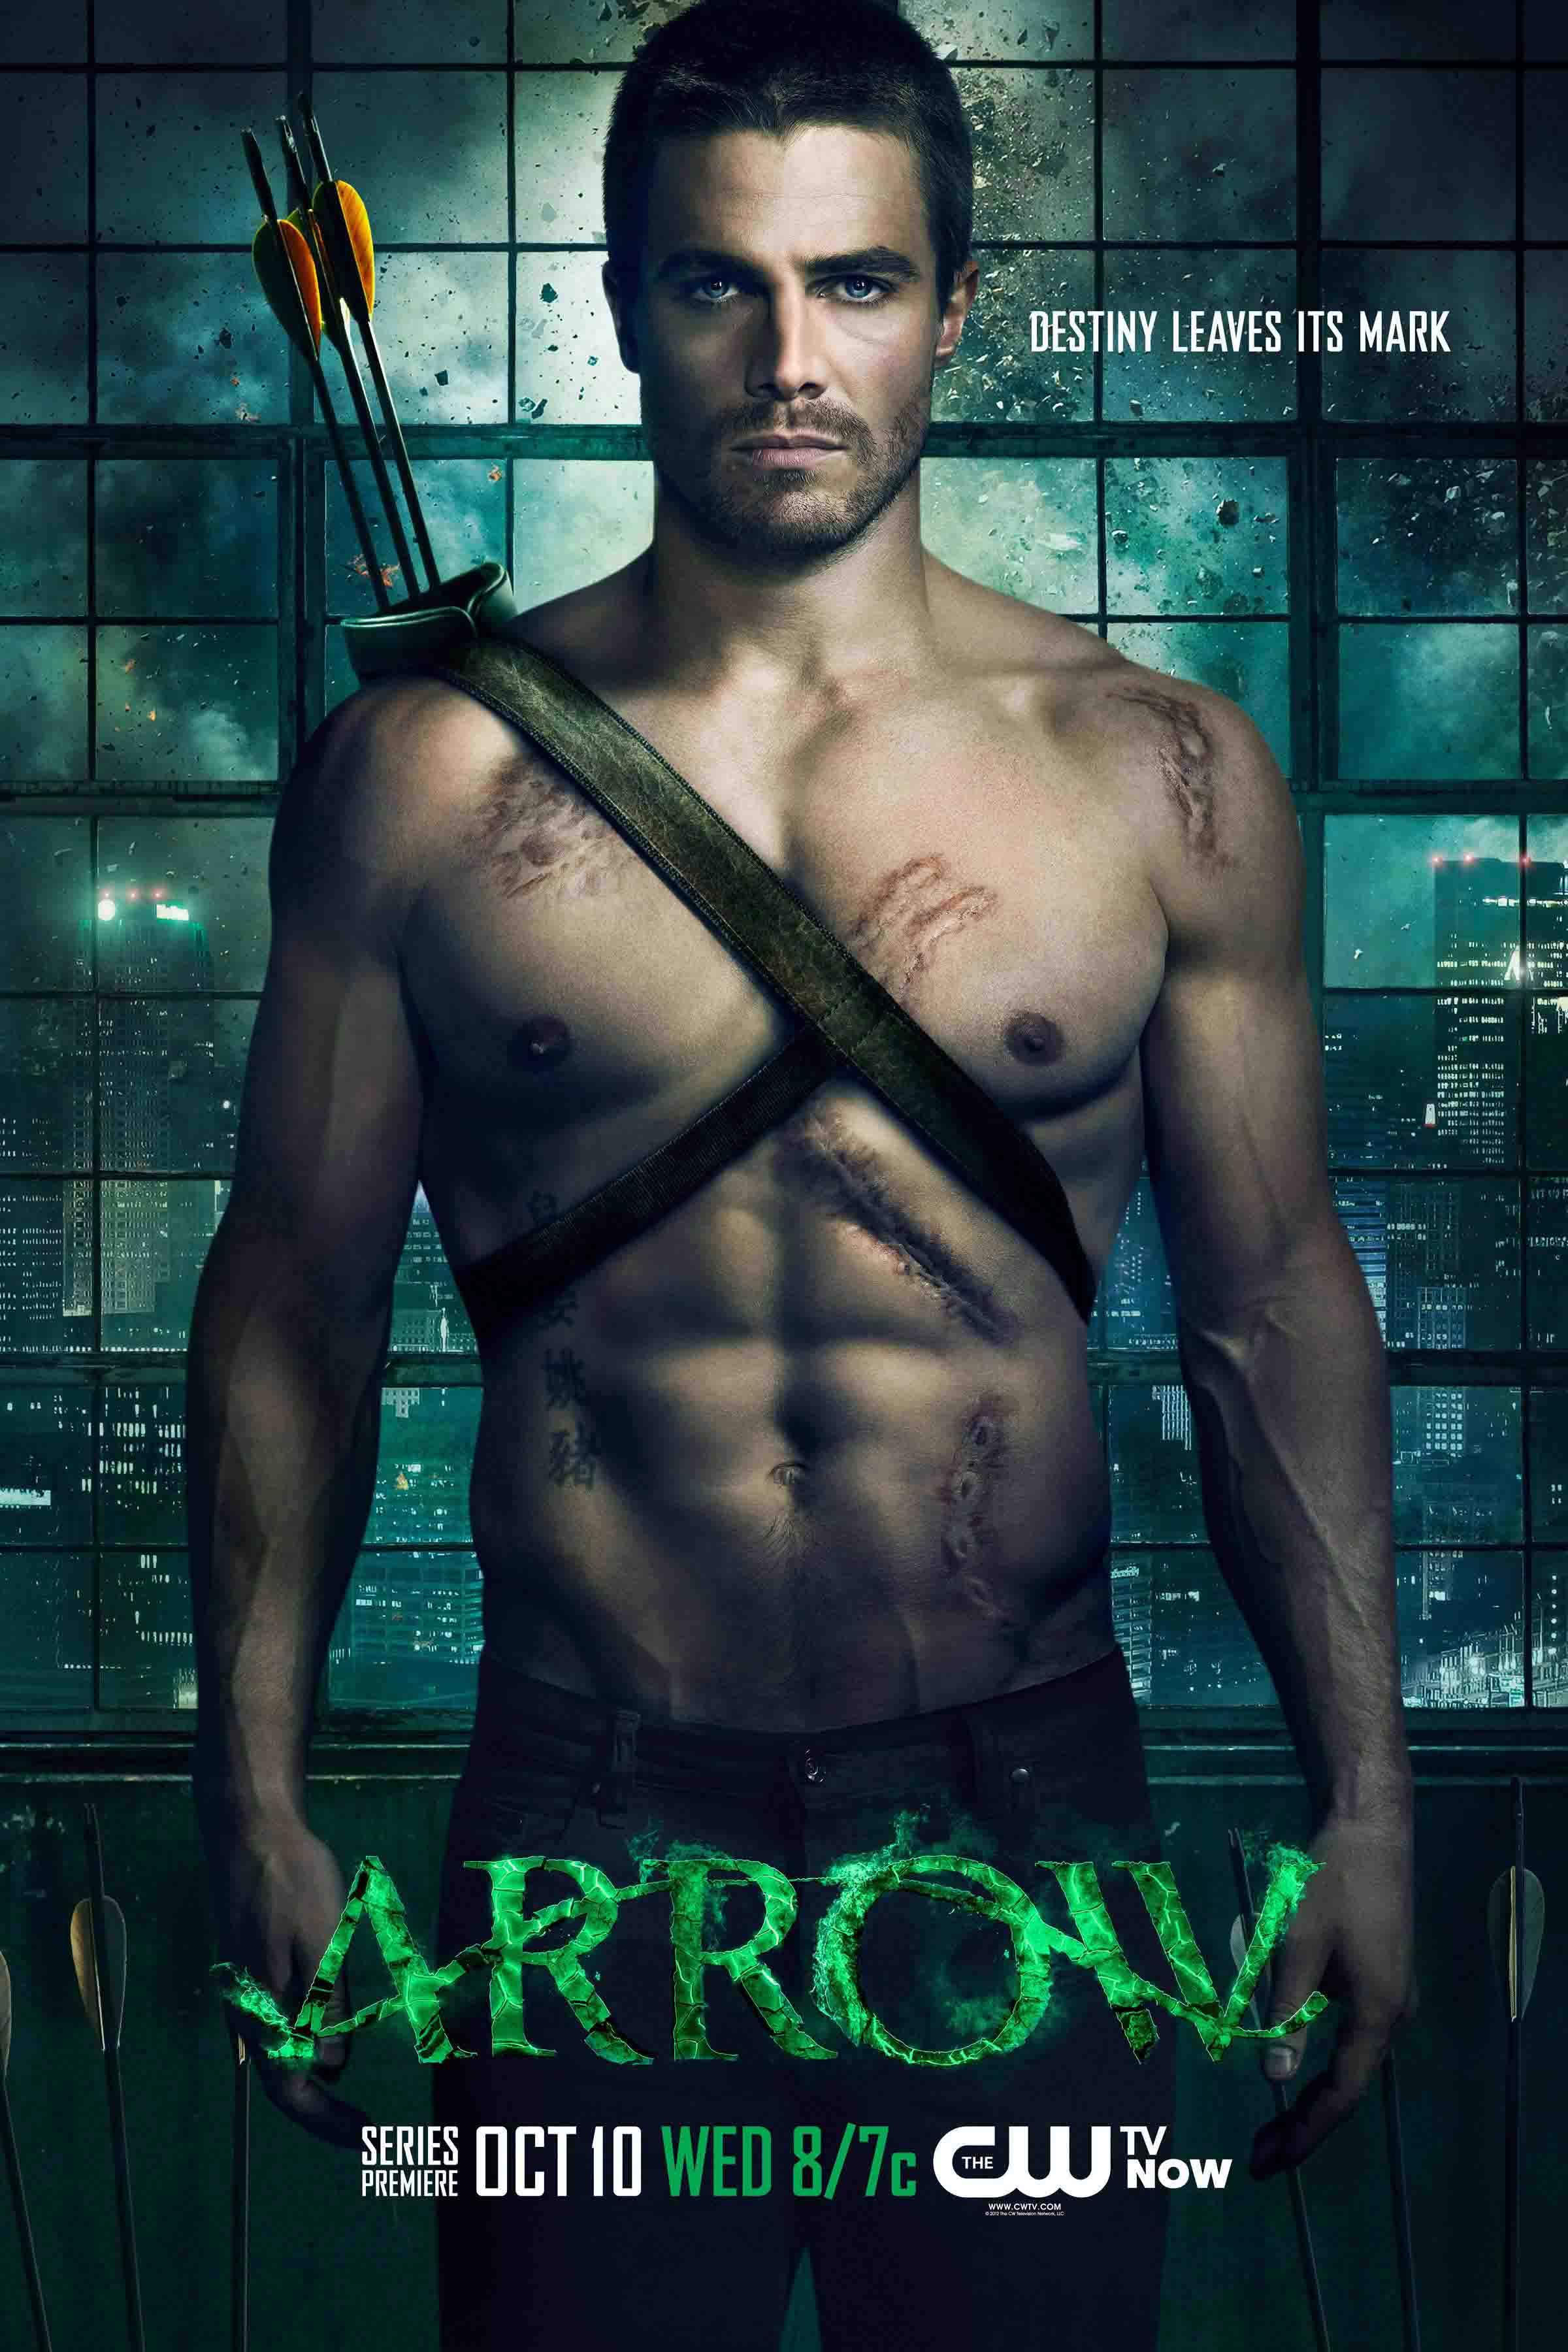 دانلود سریال Arrow - دانلود با لینک مستقیم رایگان - فصل سوم سریال Arrow